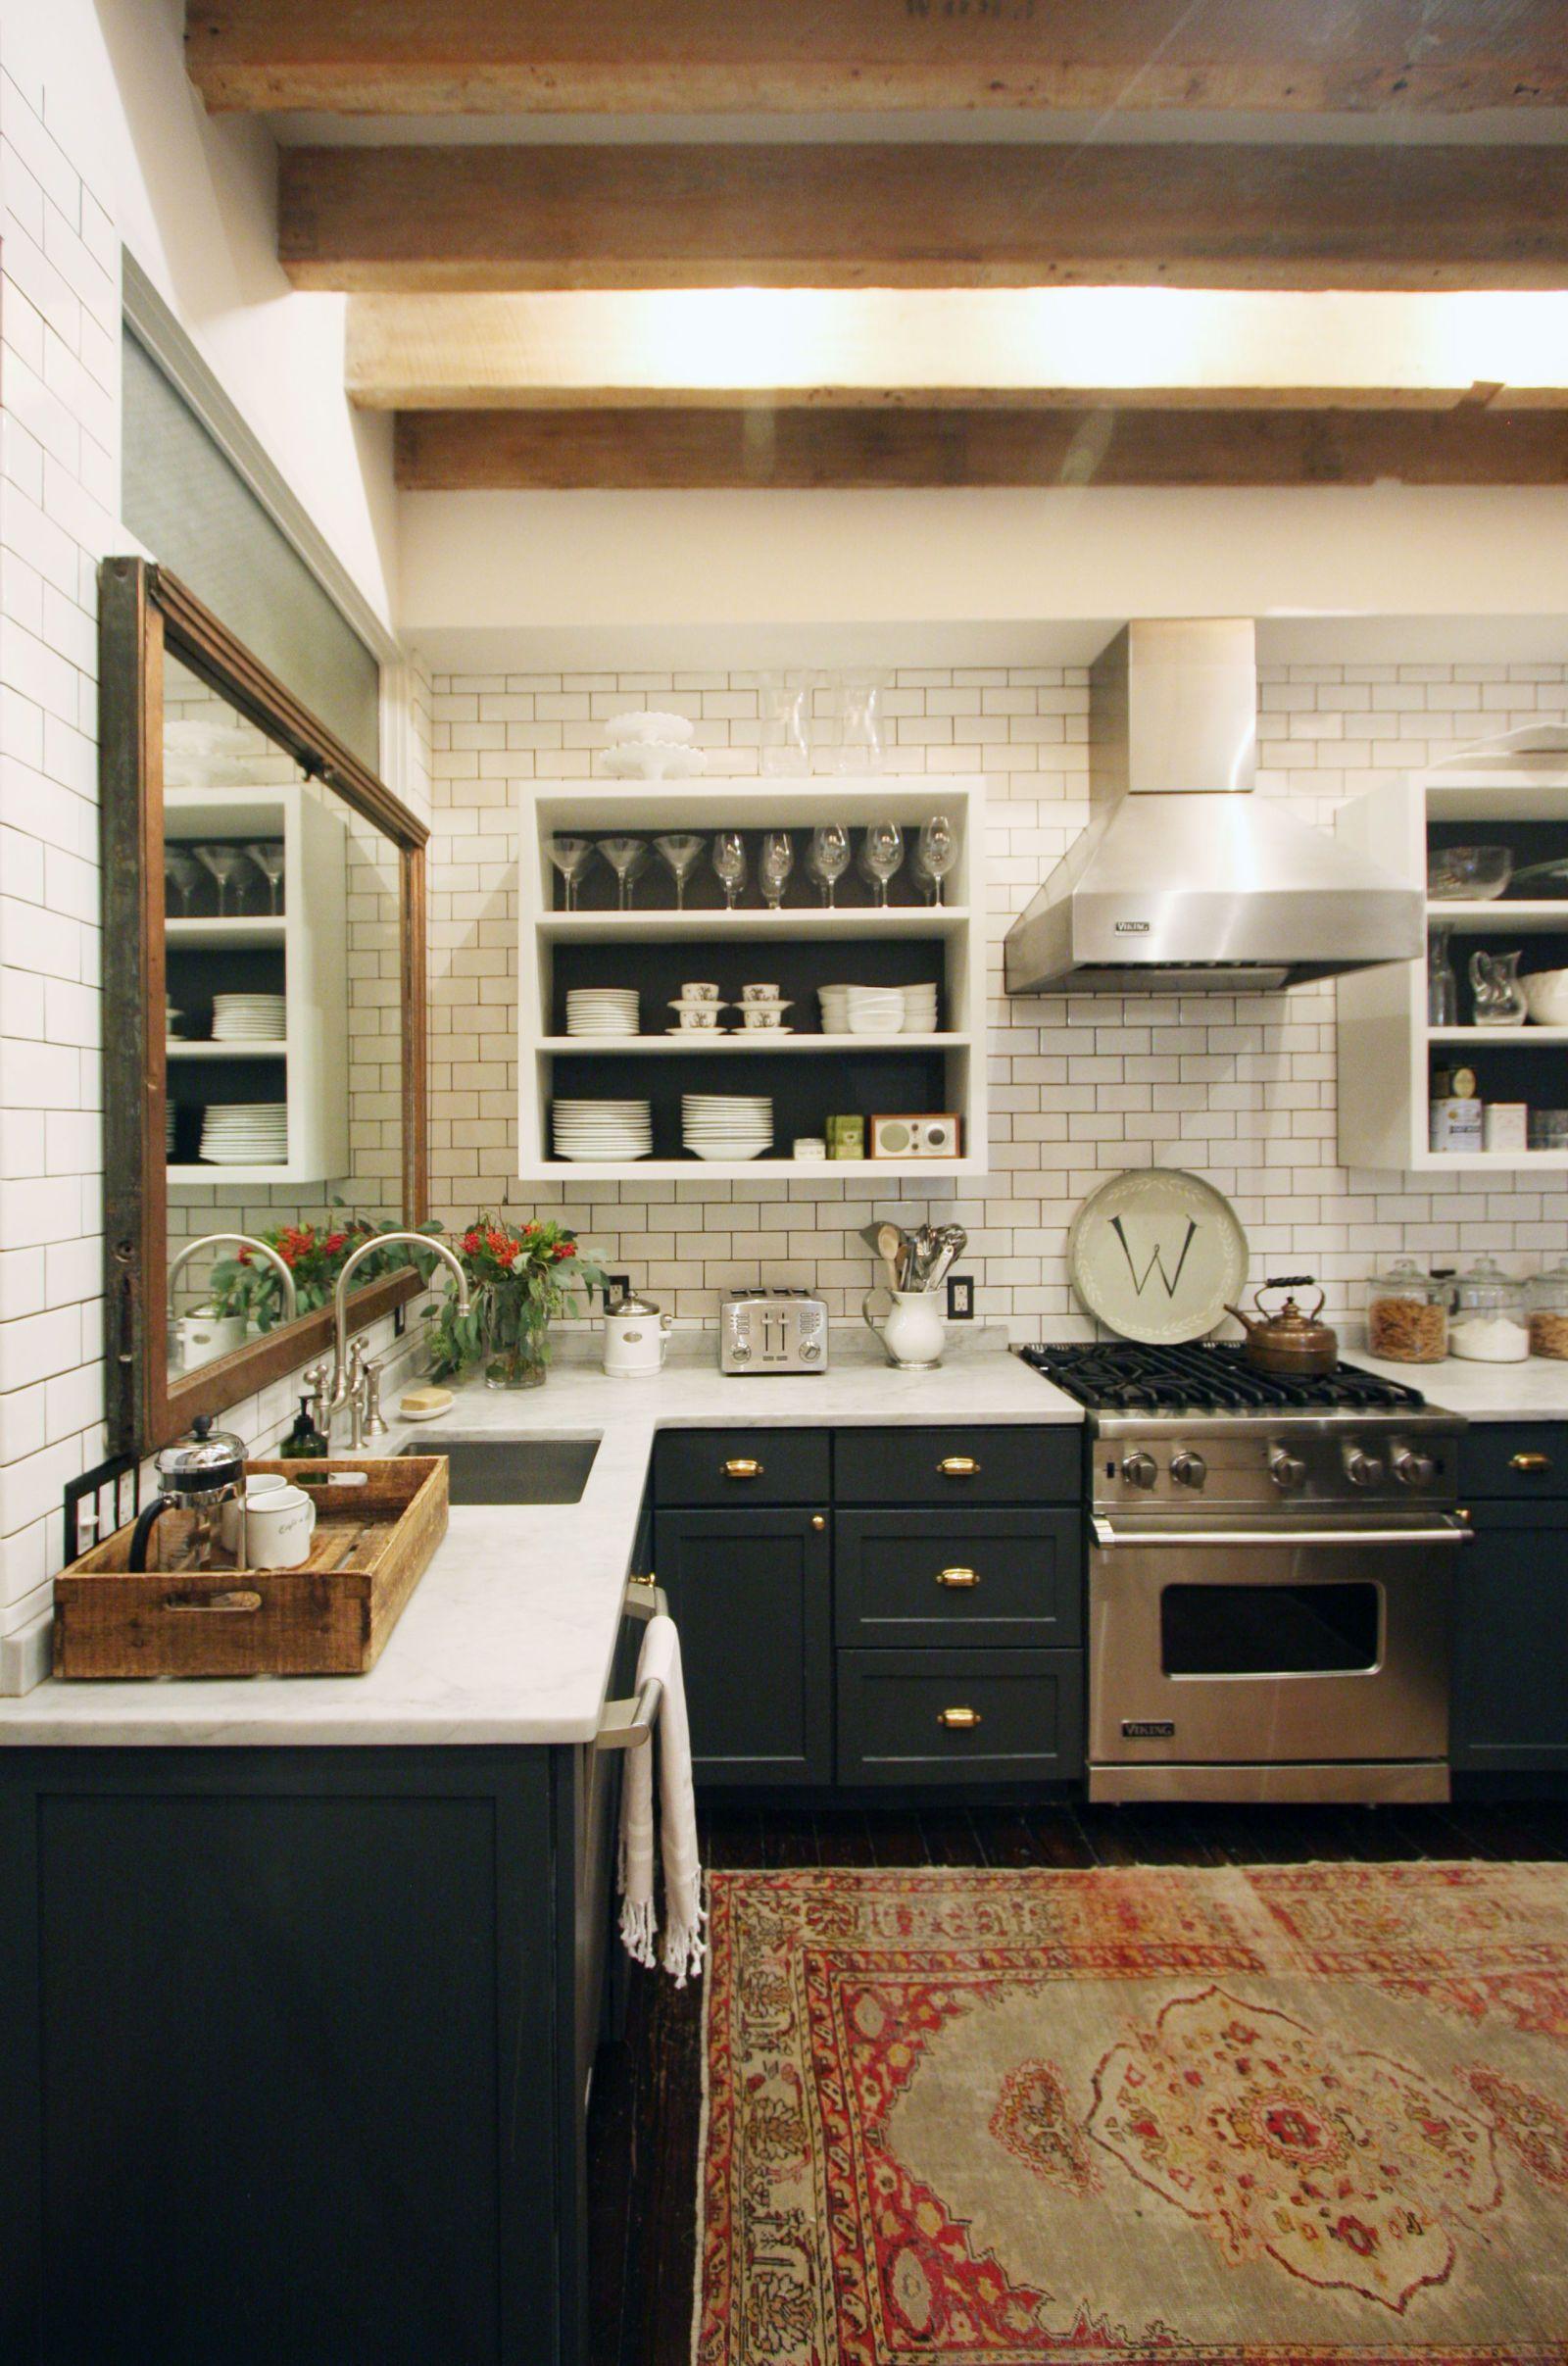 U Bahn Fliese Backsplash Küche Die Besten Bilder Zu Kitchens Auf Pinterest  Mosaik. Die Besten Bilder Zu Kitchens Auf Pinterest Mosaik